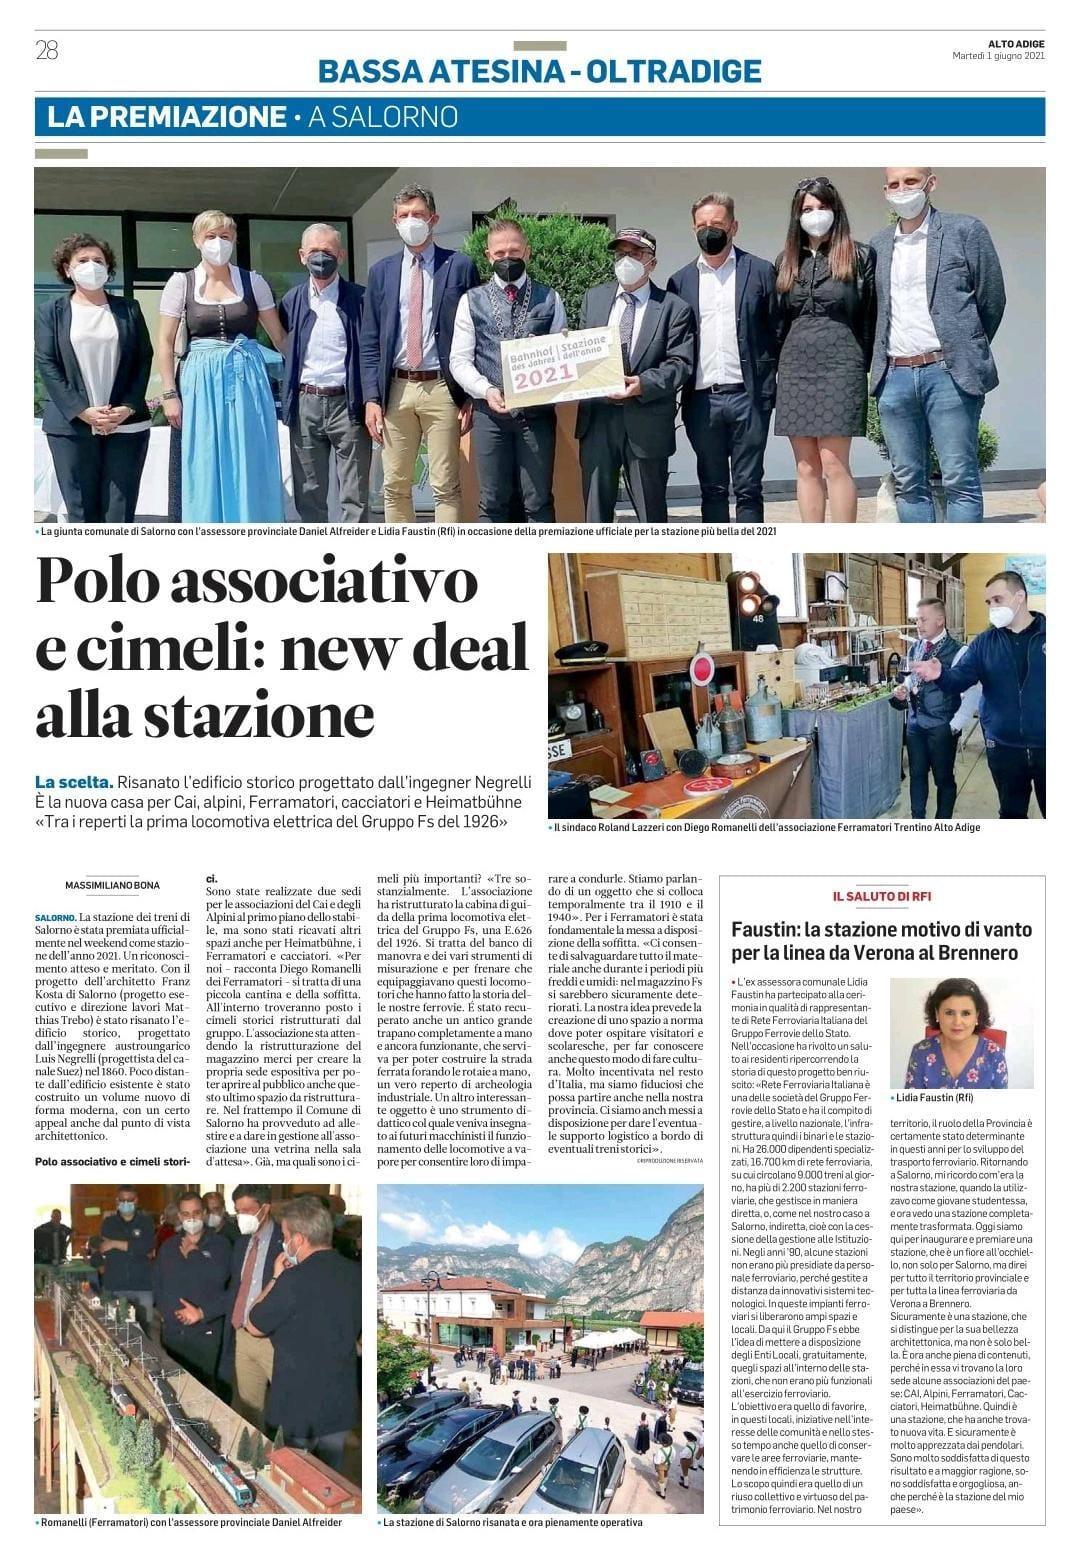 Alto Adige 1-6-2021